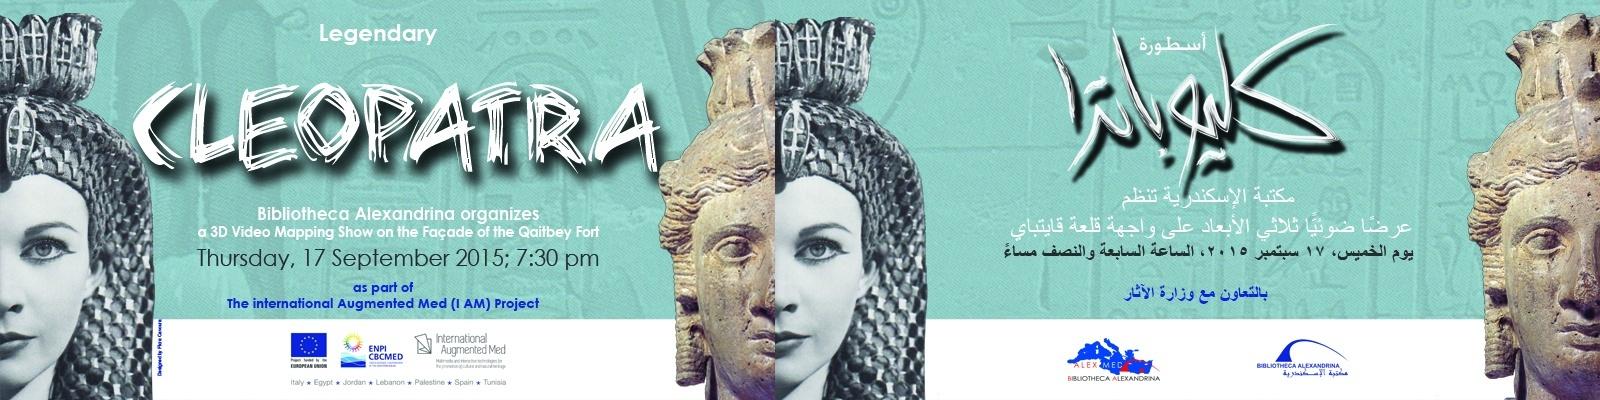 <i>Legendary Cleopatra</i>